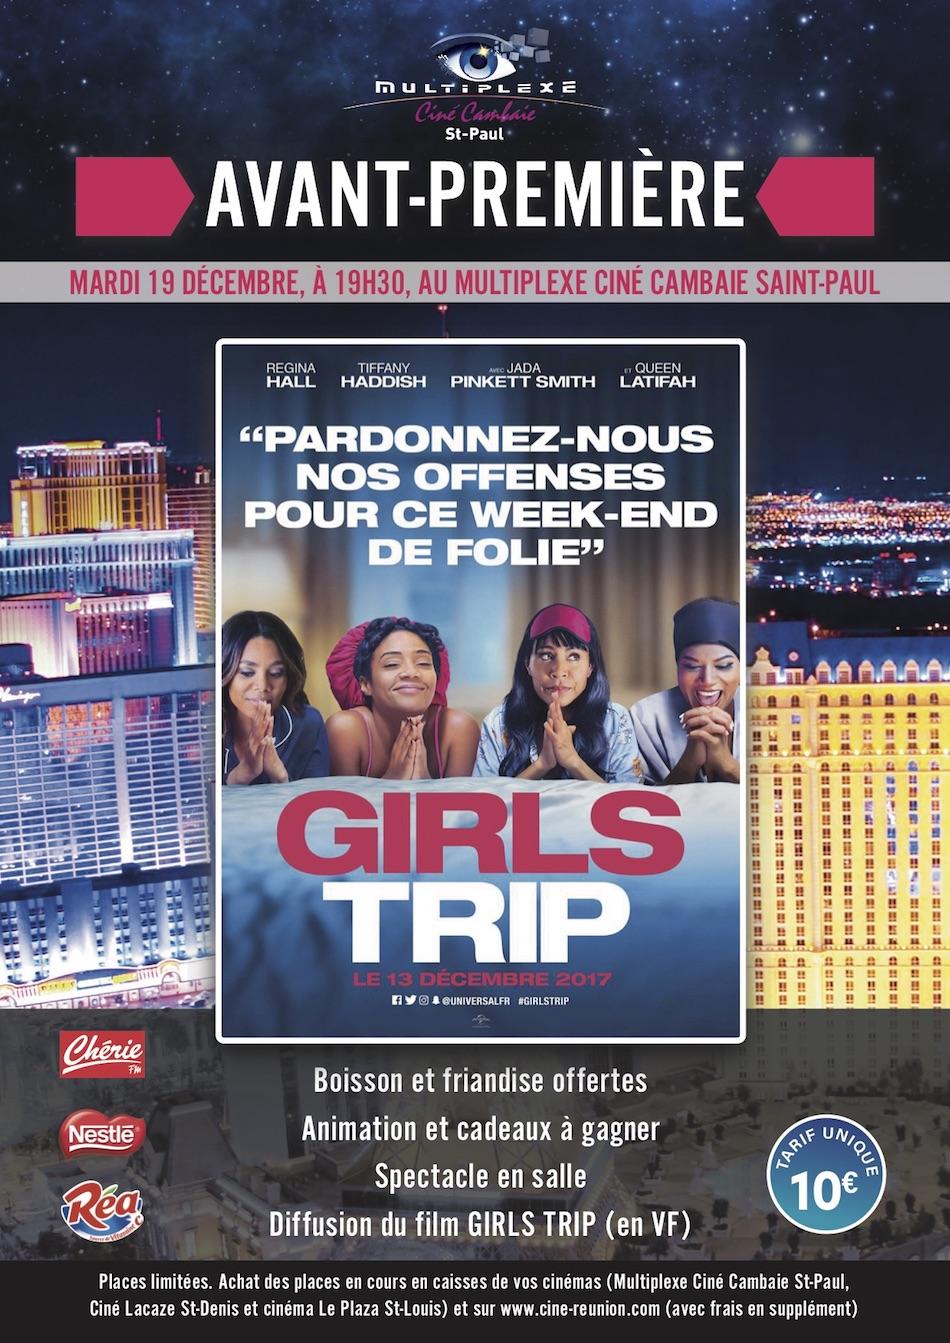 Avant-première Girls Trip